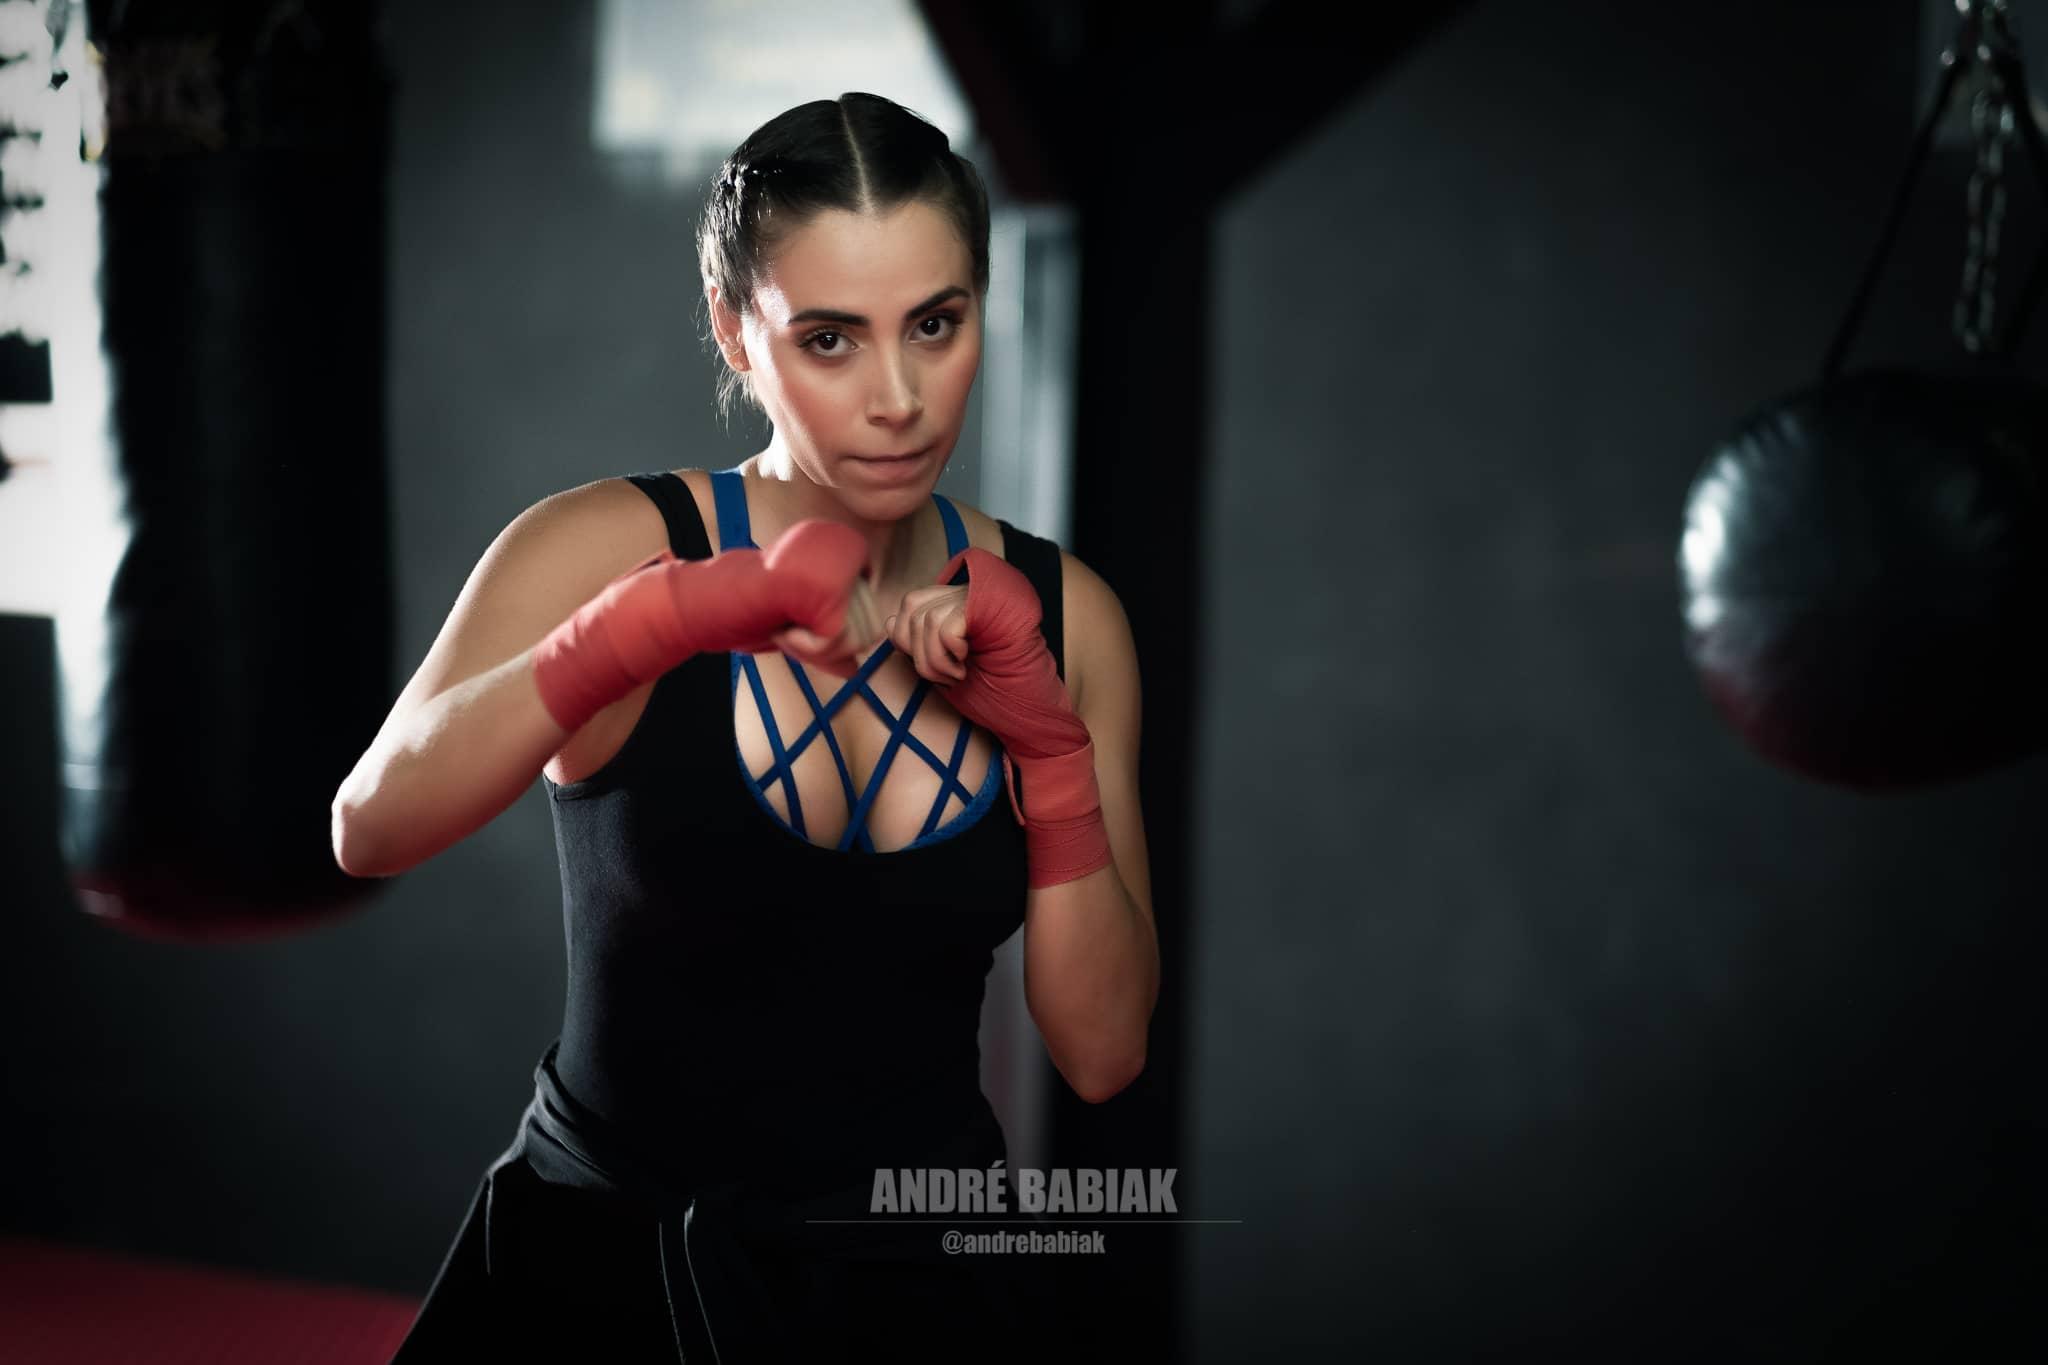 Gym Advertising